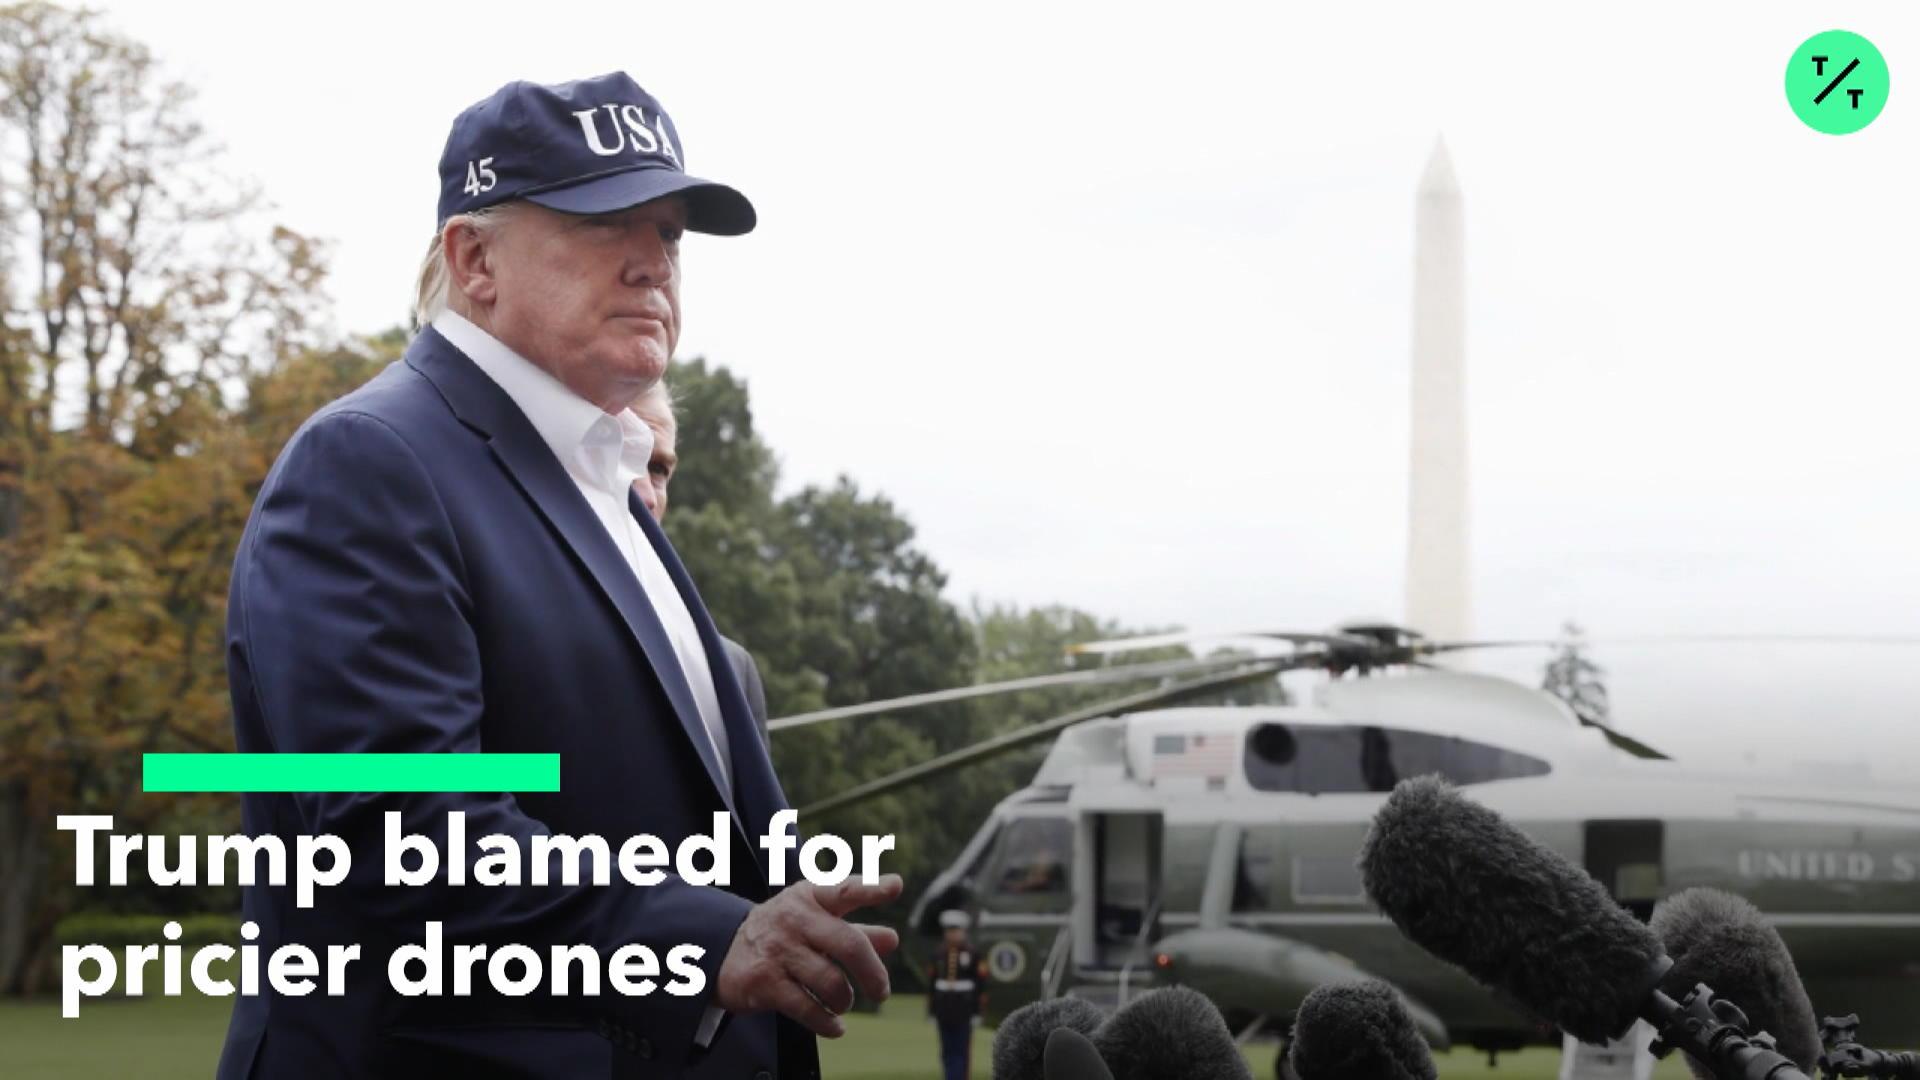 Trump Blamed For Pricier Drones